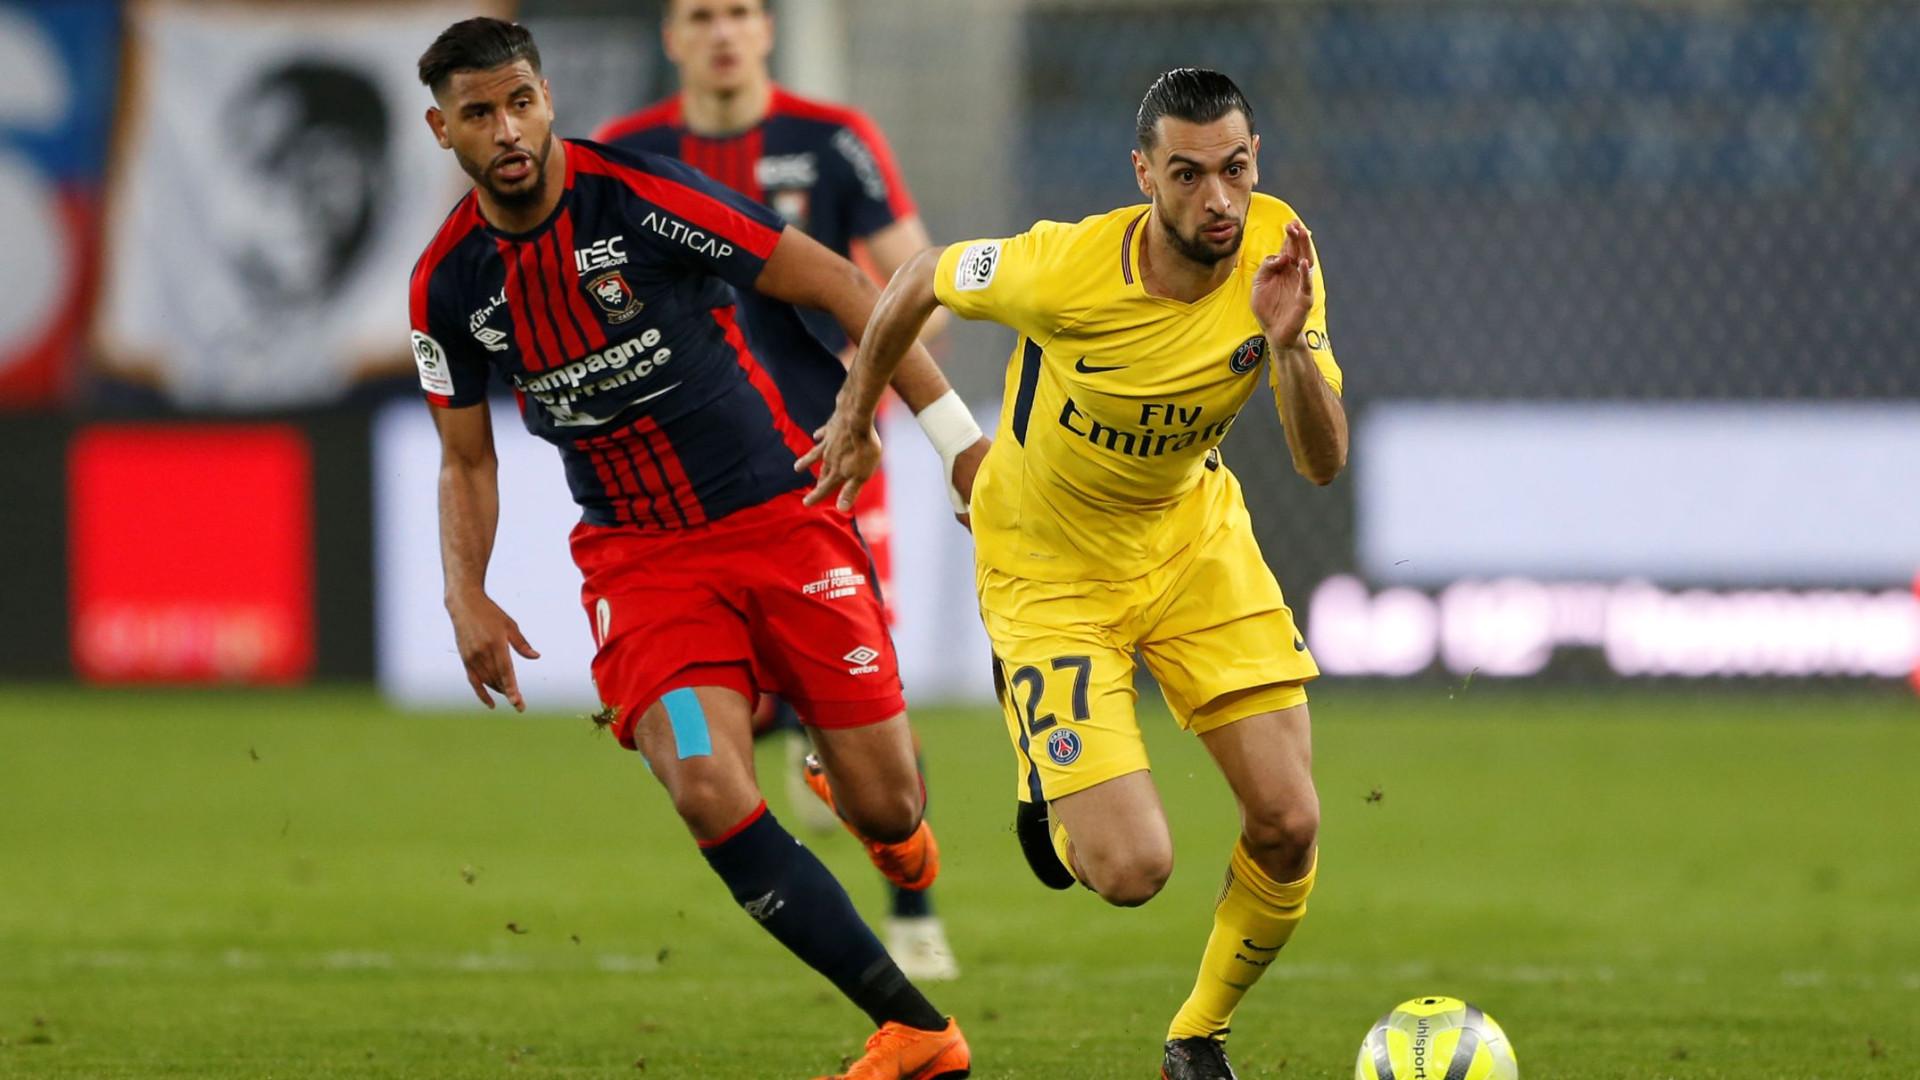 Jogador do Monaco na mira do Sporting